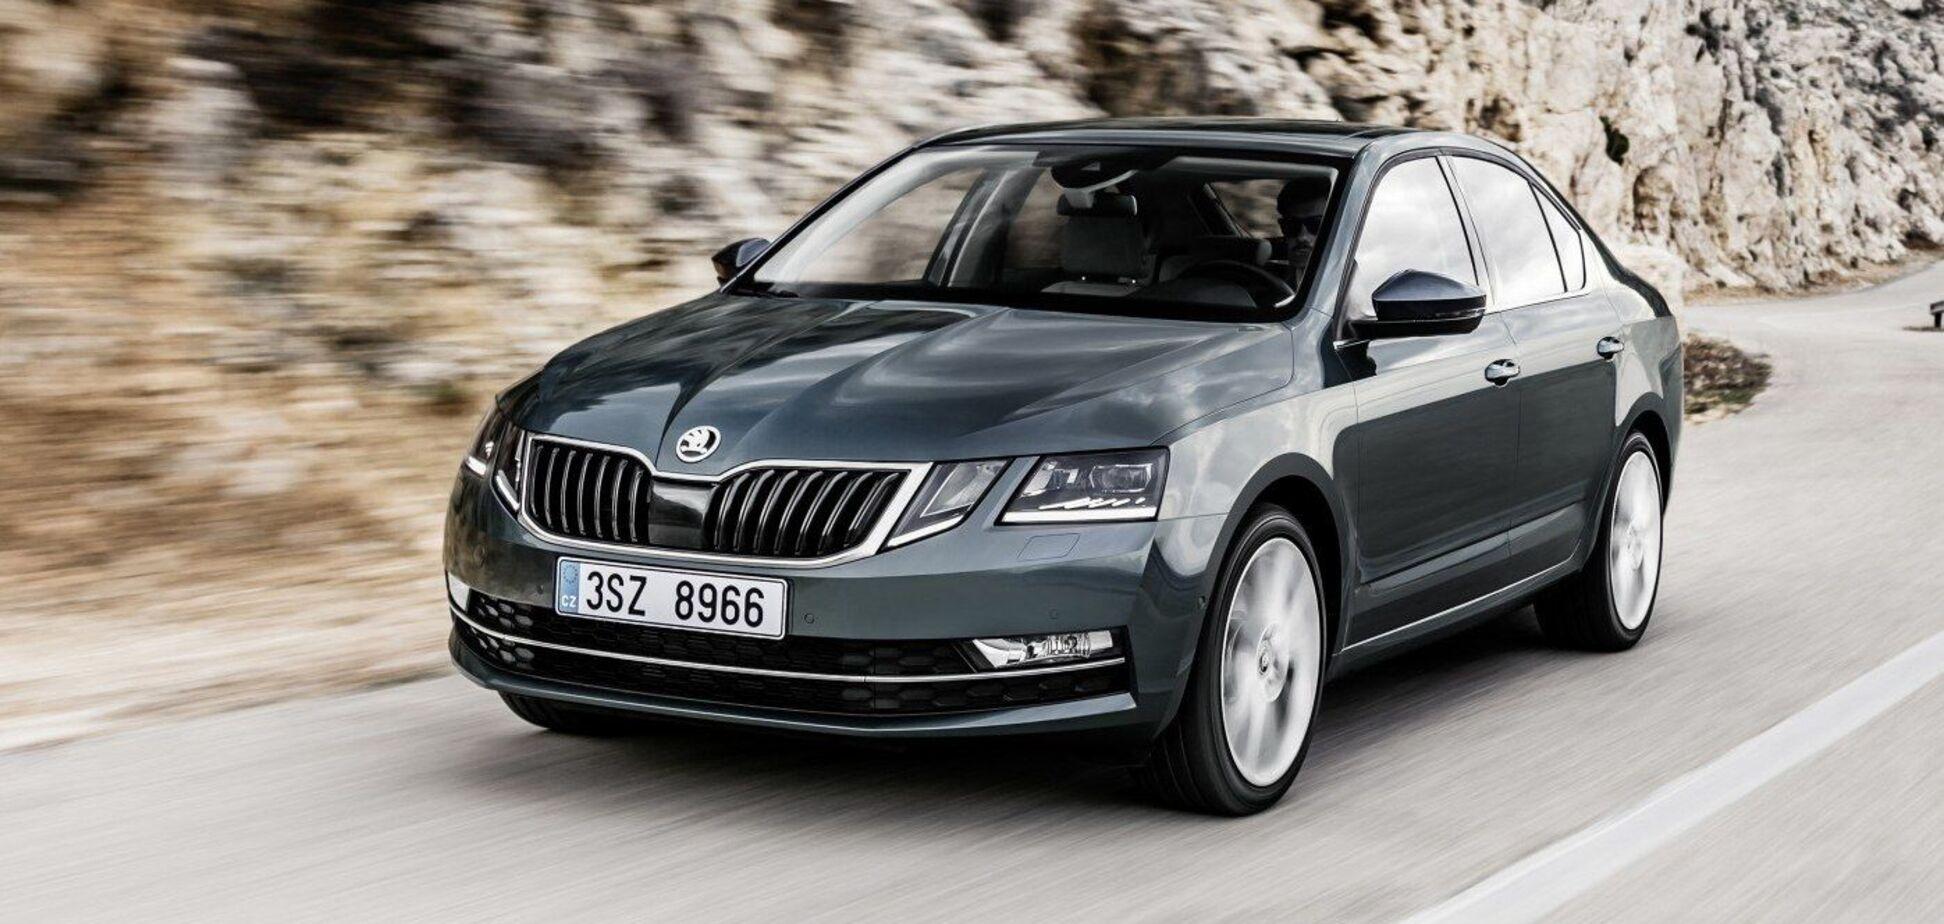 Купівля яких авто в кредит найчастіше цікавить українців: названо ТОП-5 моделей